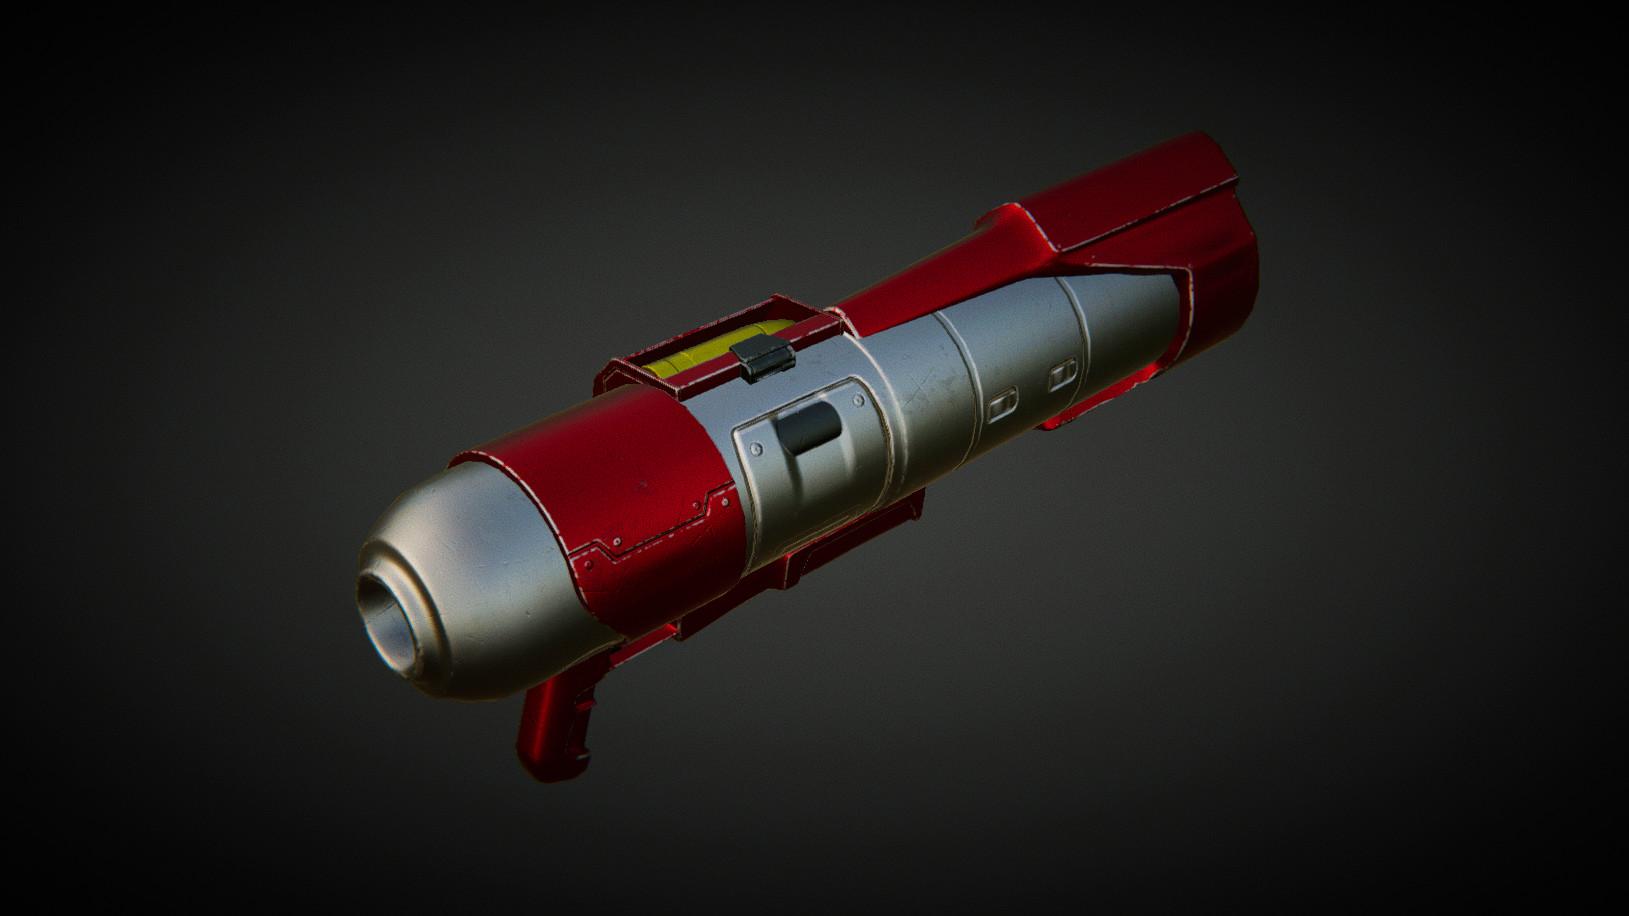 Emanuel cacciola rocket 2